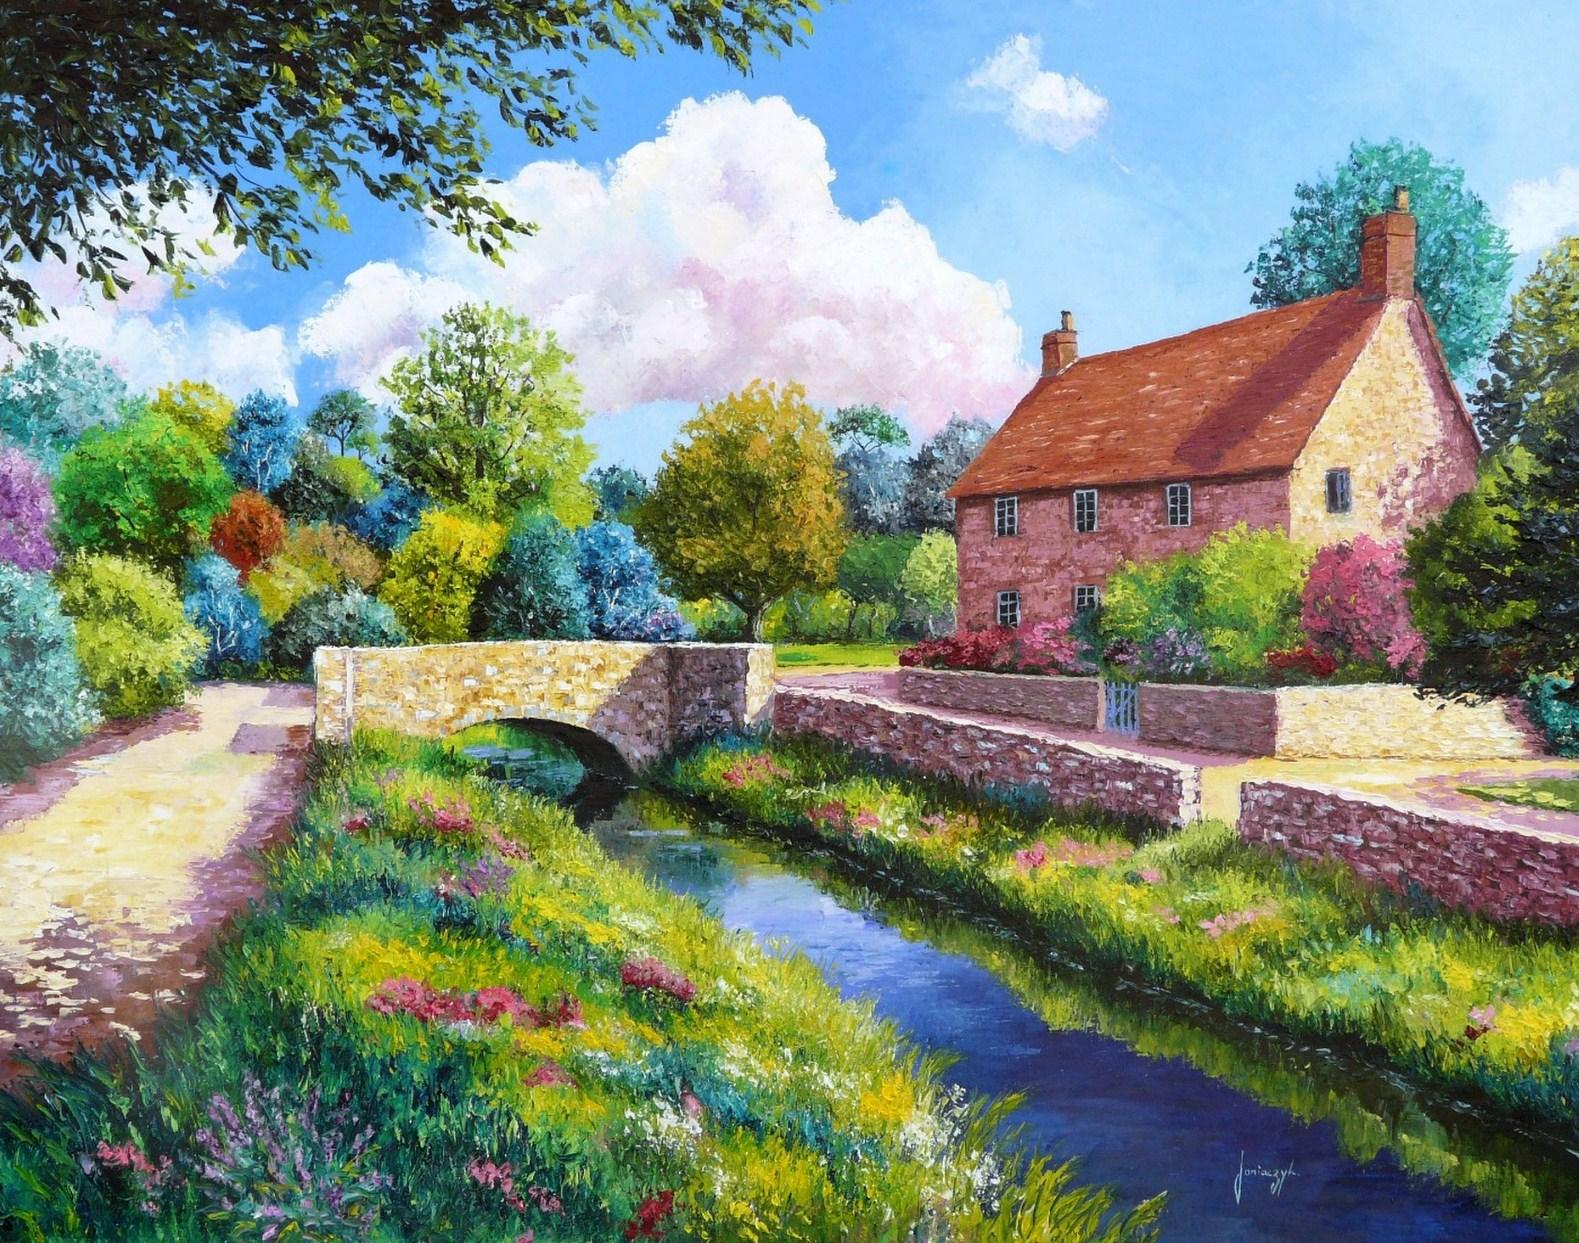 Imagenes de paisajes con casas imagui - Paisajes de casas ...